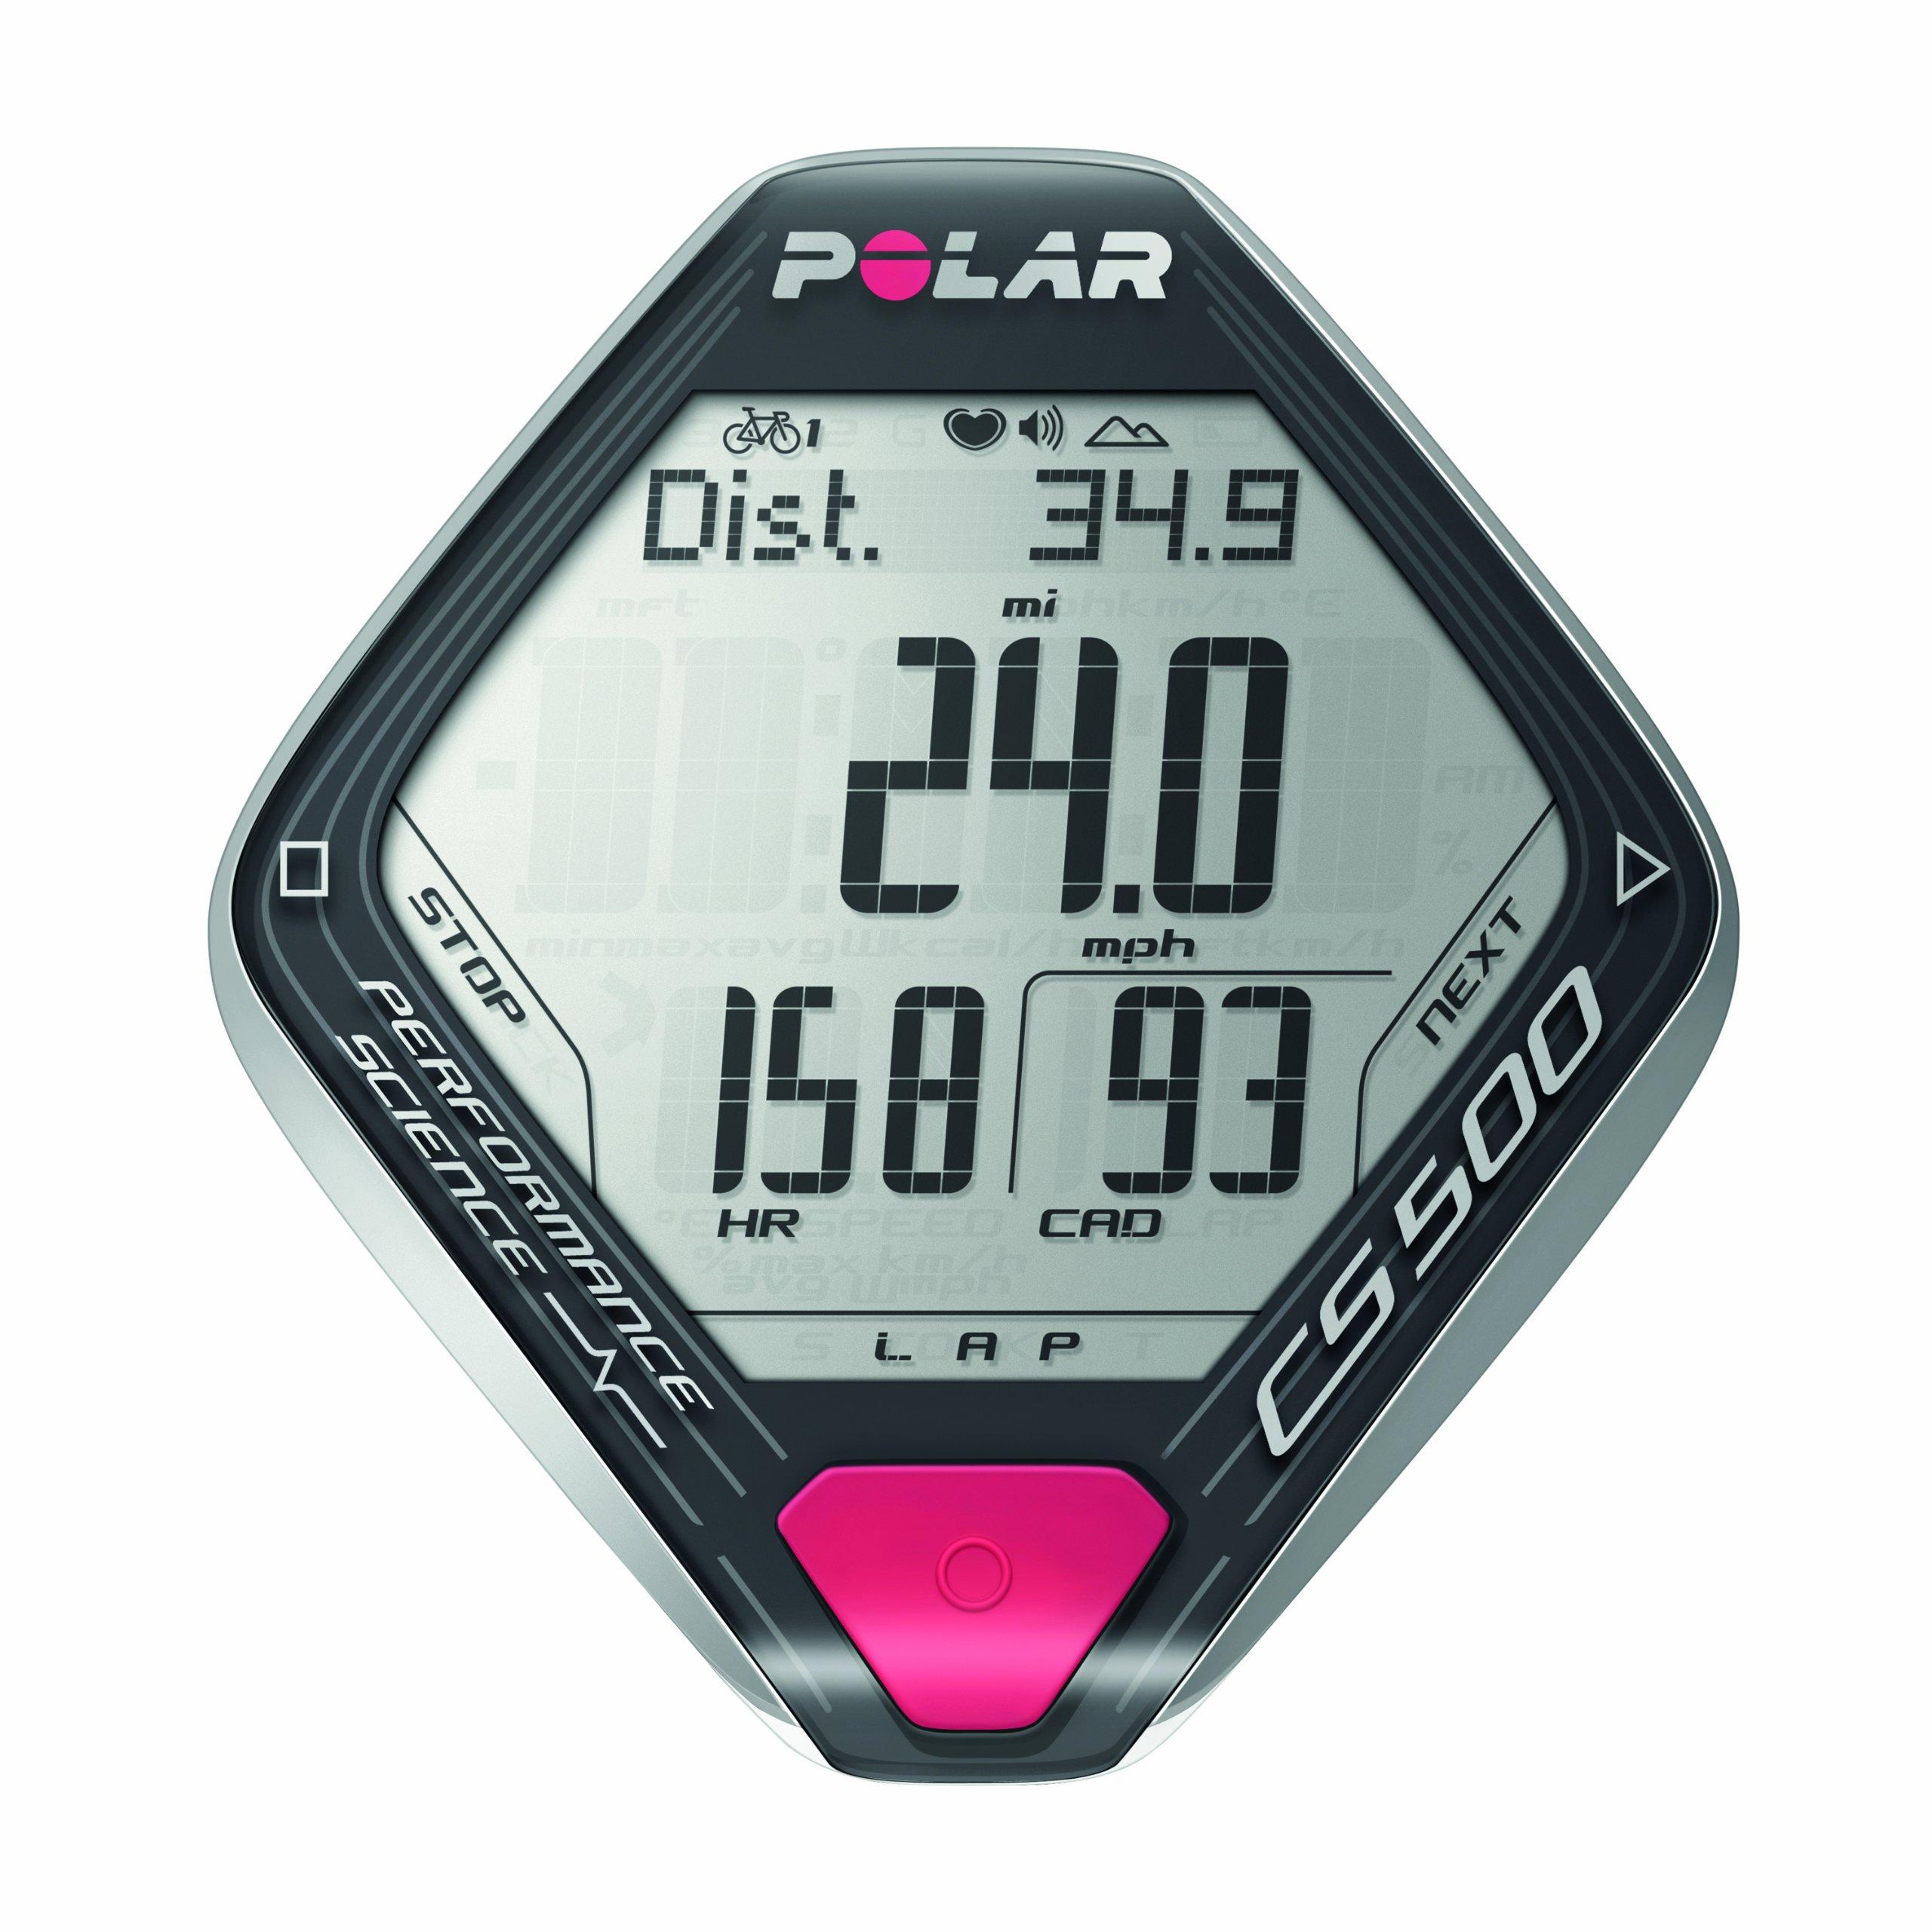 Polar CS500+ CAD Cardiofrequenzimetro, Grigio product image